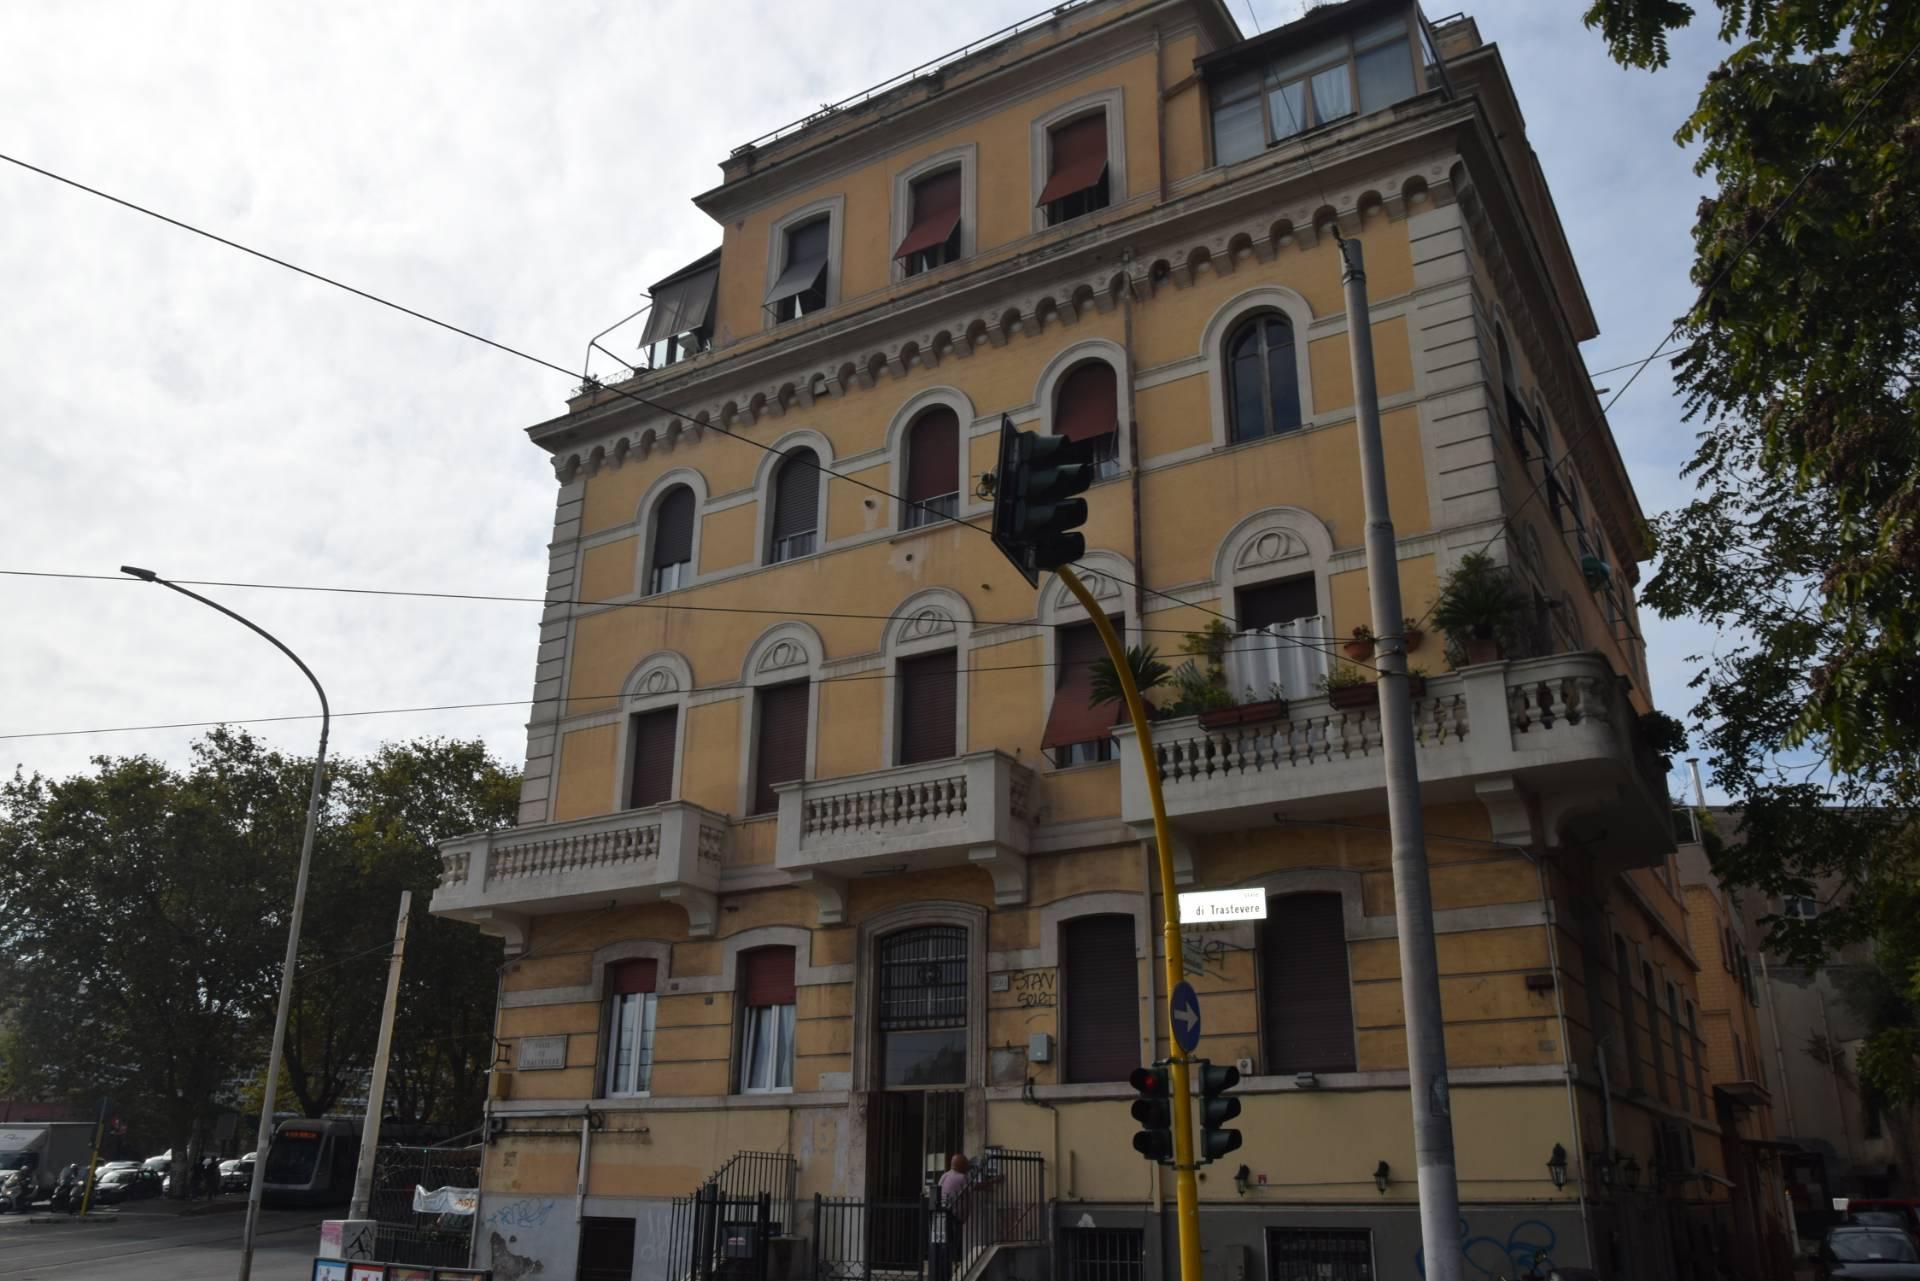 affitto appartamento roma trastevere  1600 euro  4 locali  125 mq